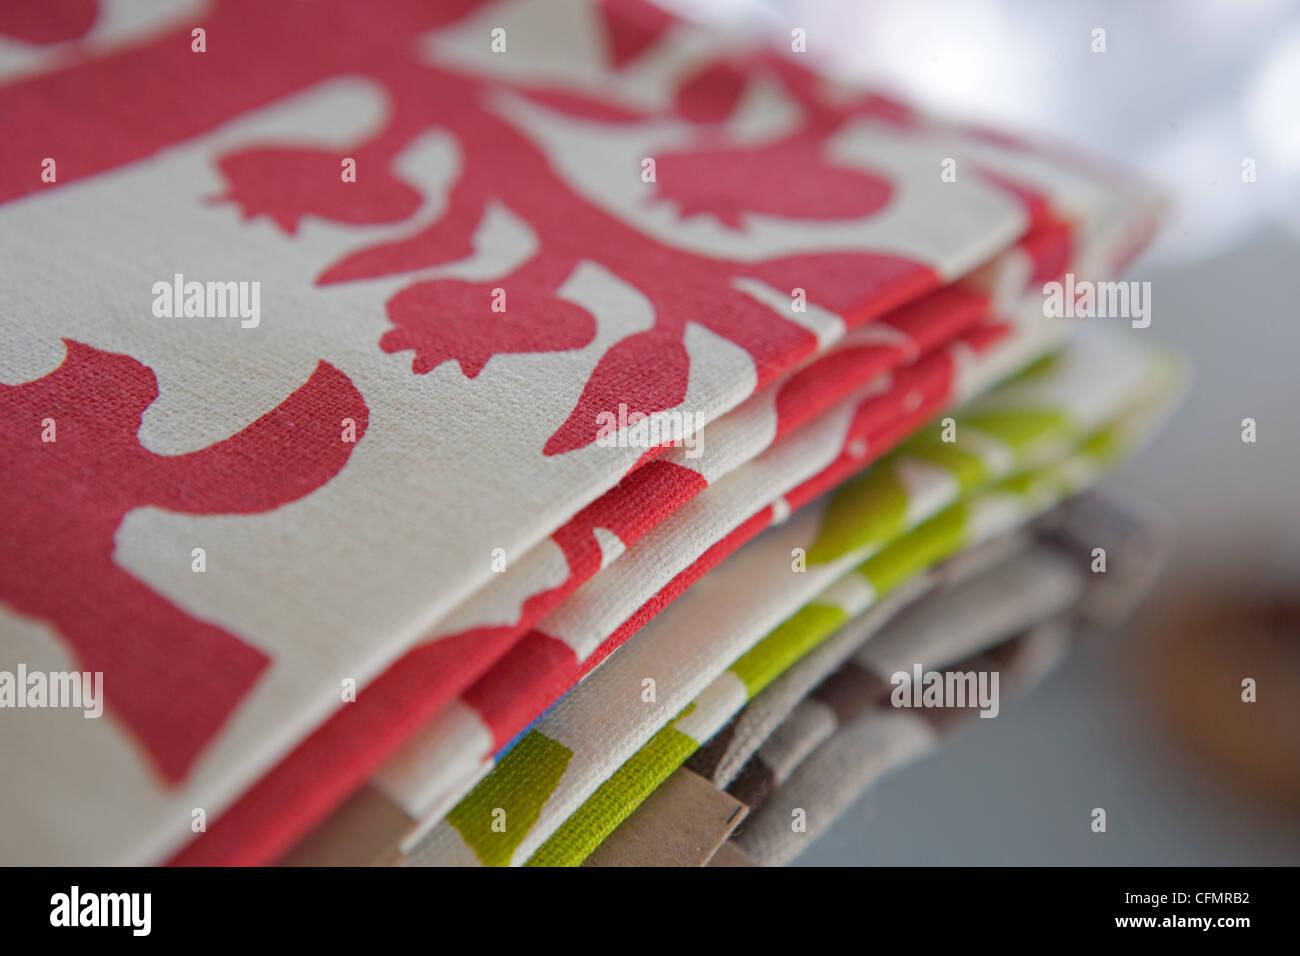 Pila di manufatti tessili serigrafico canovaccio in colori luminosi. Immagini Stock